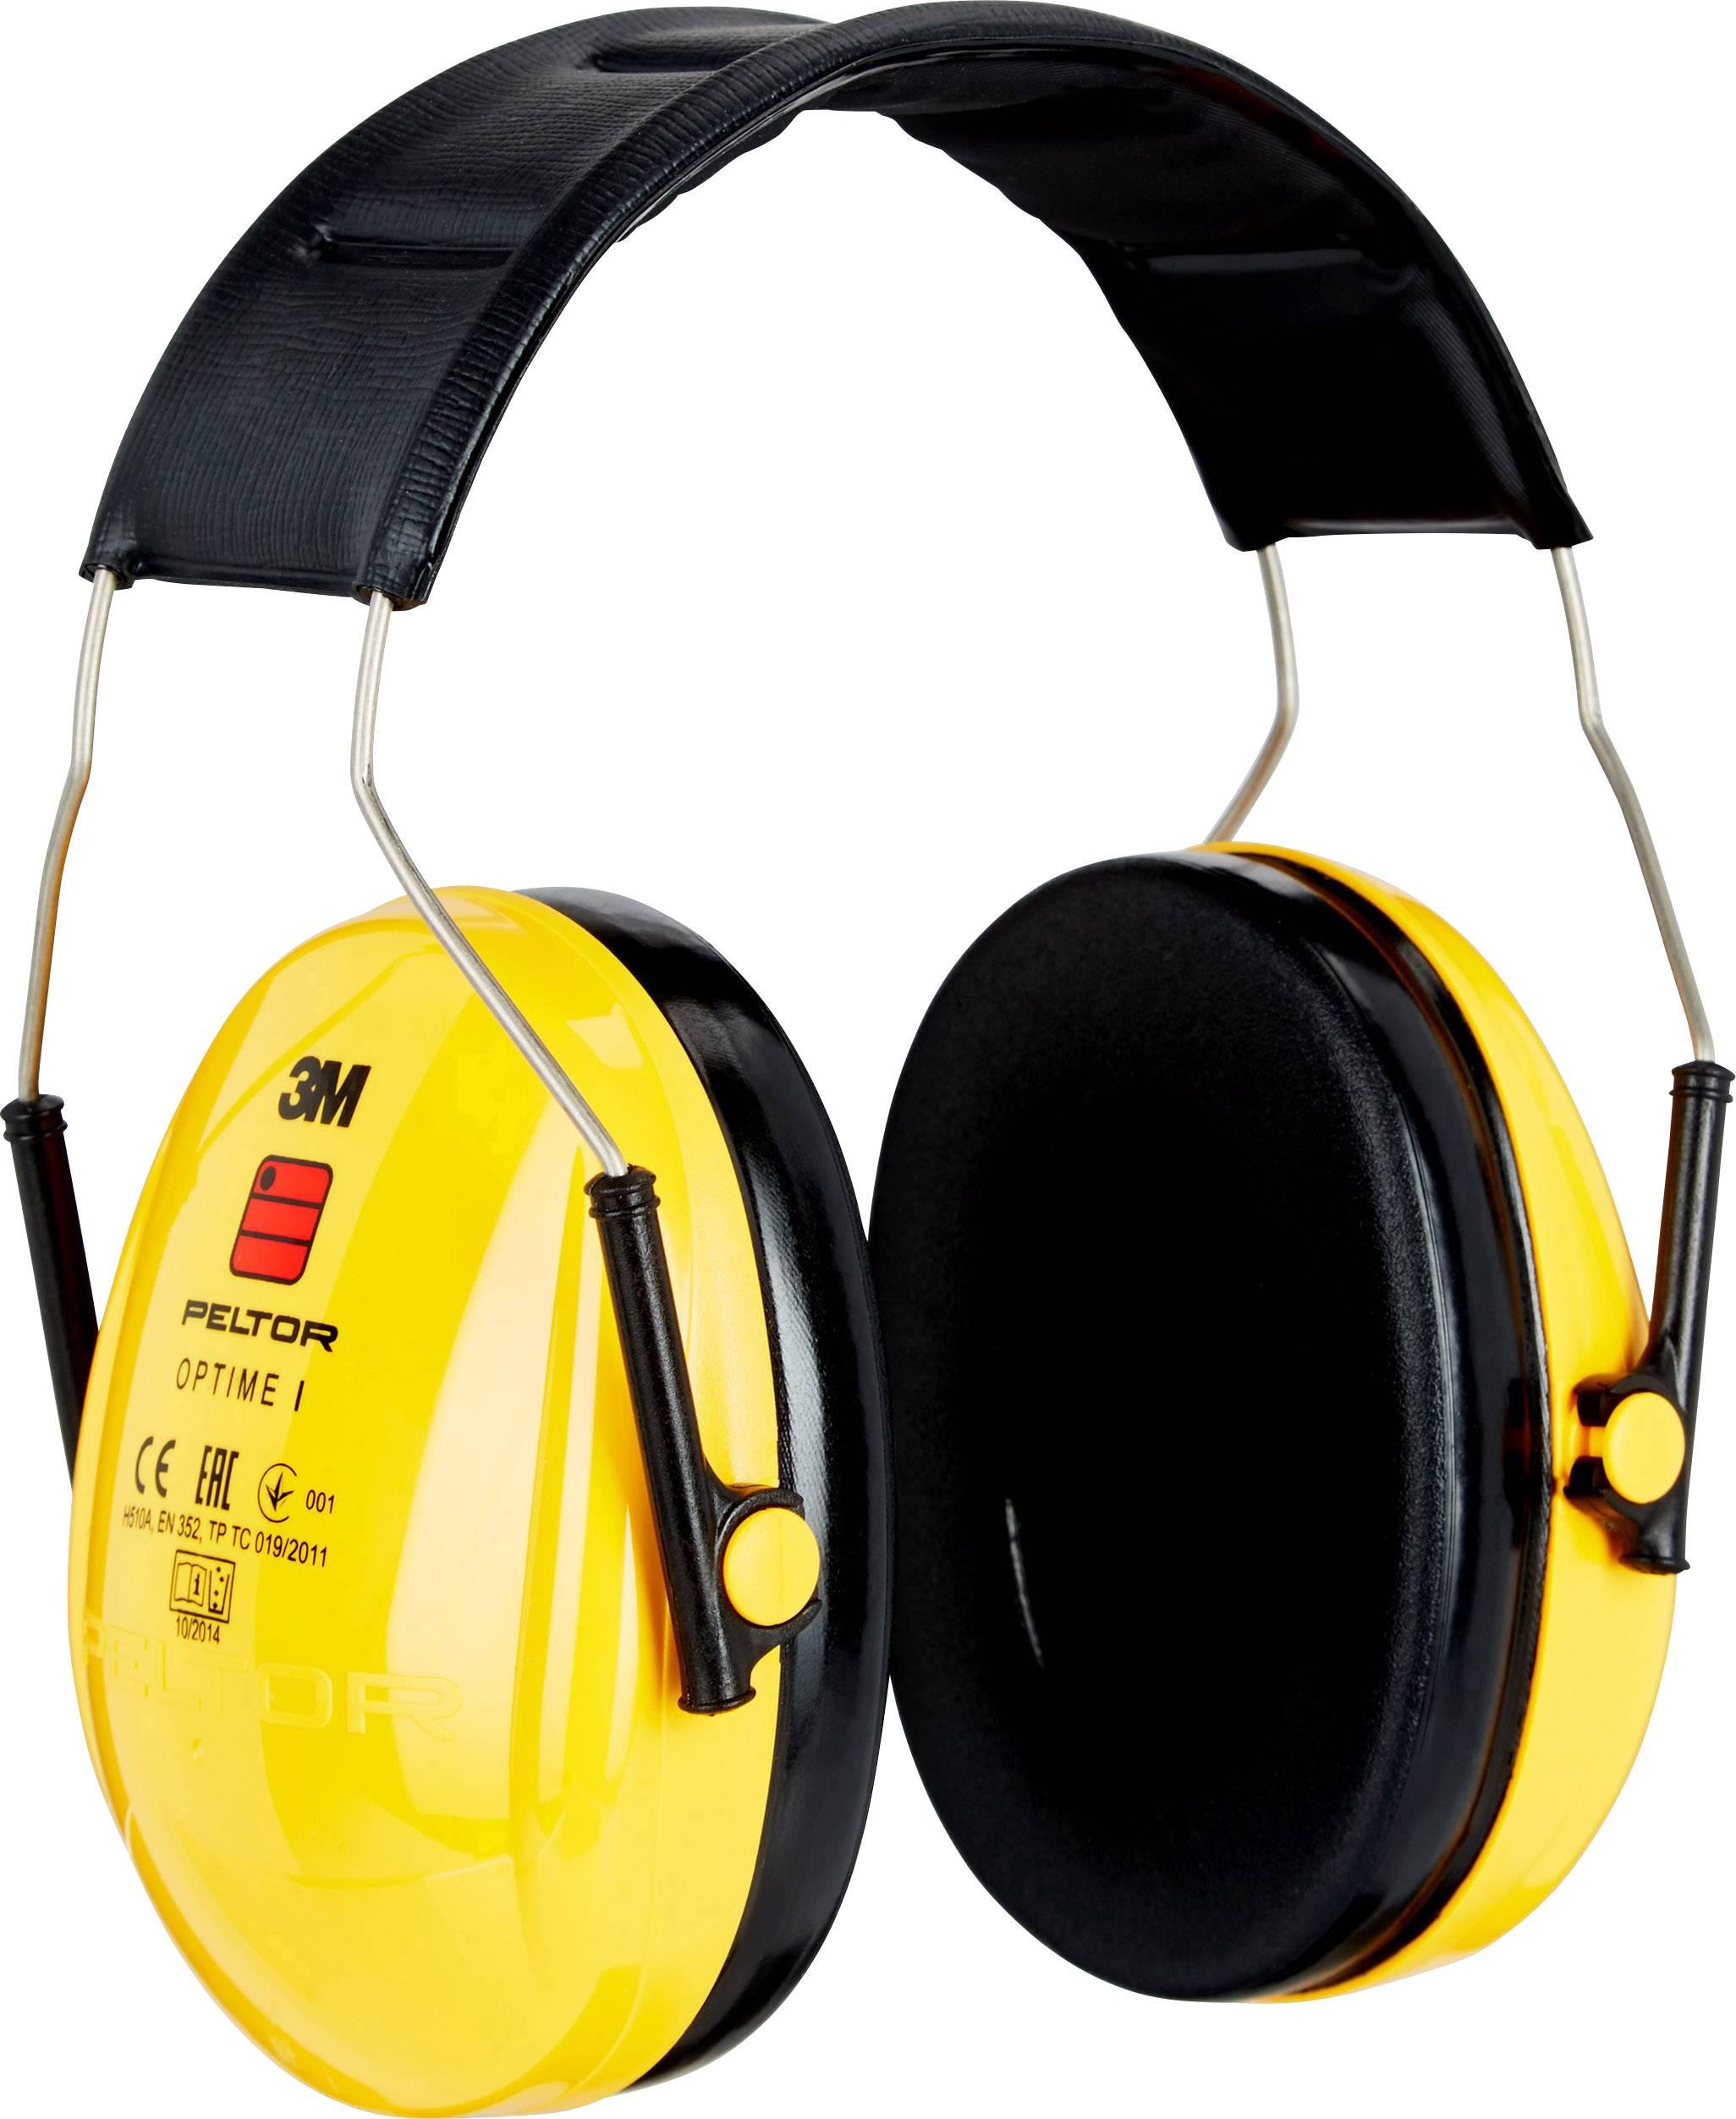 Mušľový chránič sluchu Peltor OPTIME I H510A, 27 dB, 1 ks